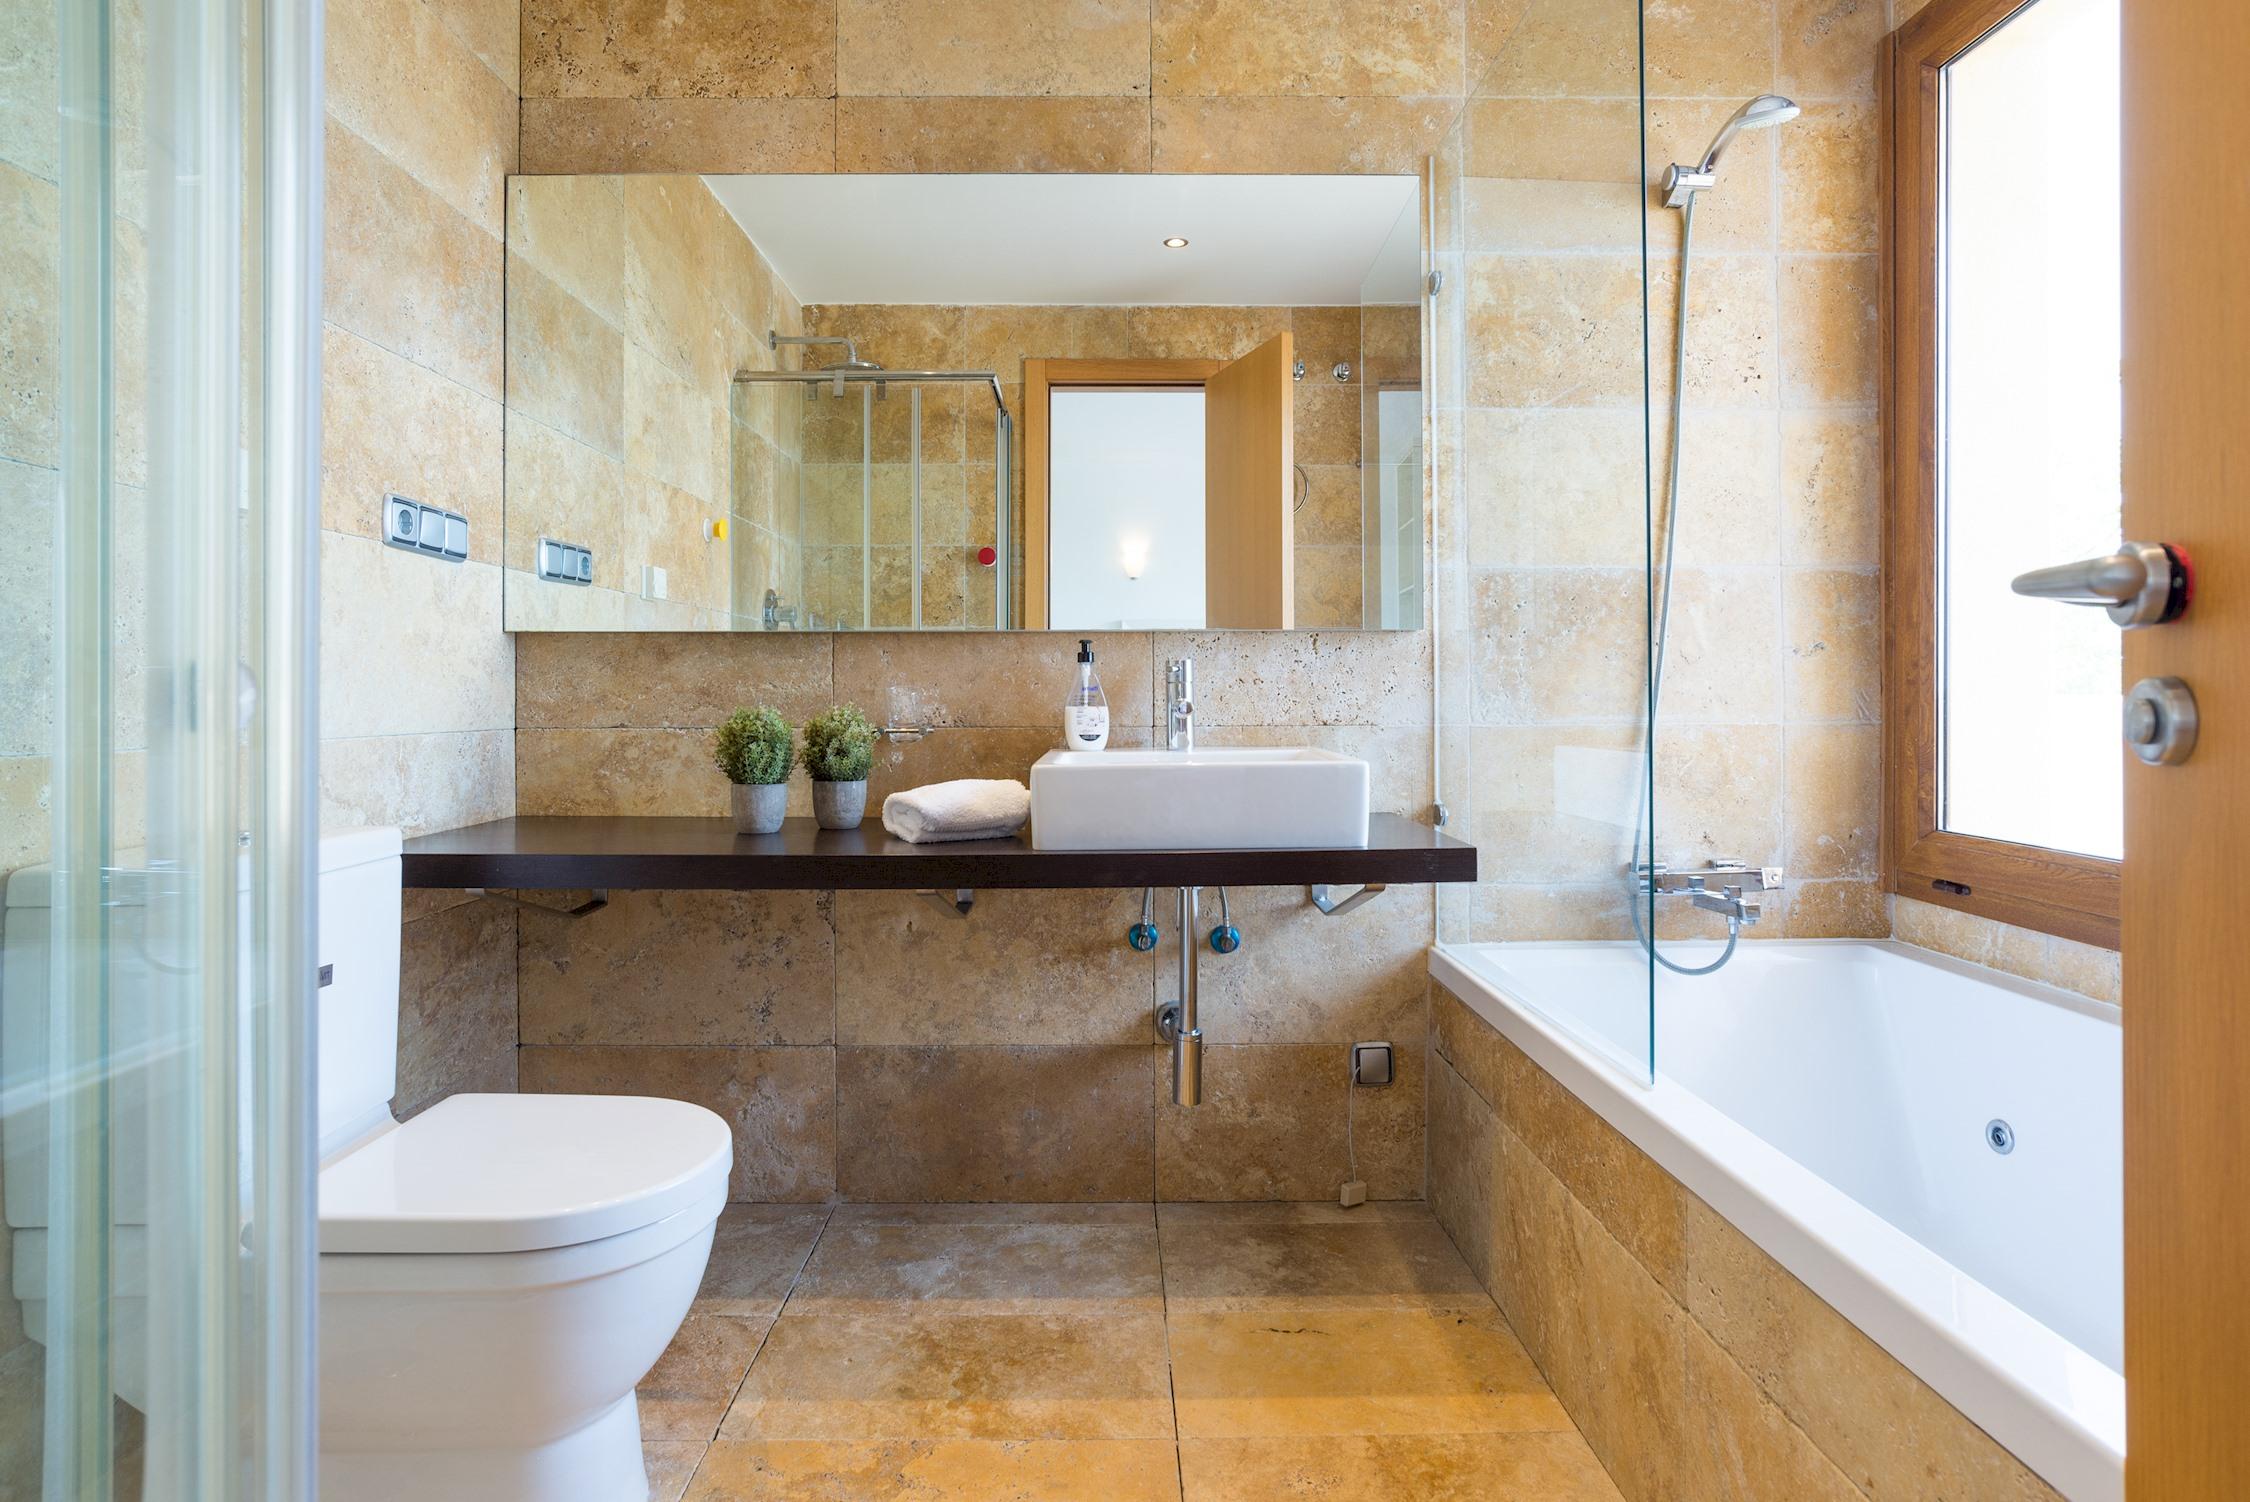 Apartment MalagaSuite Private Deluxe Villa photo 20498733